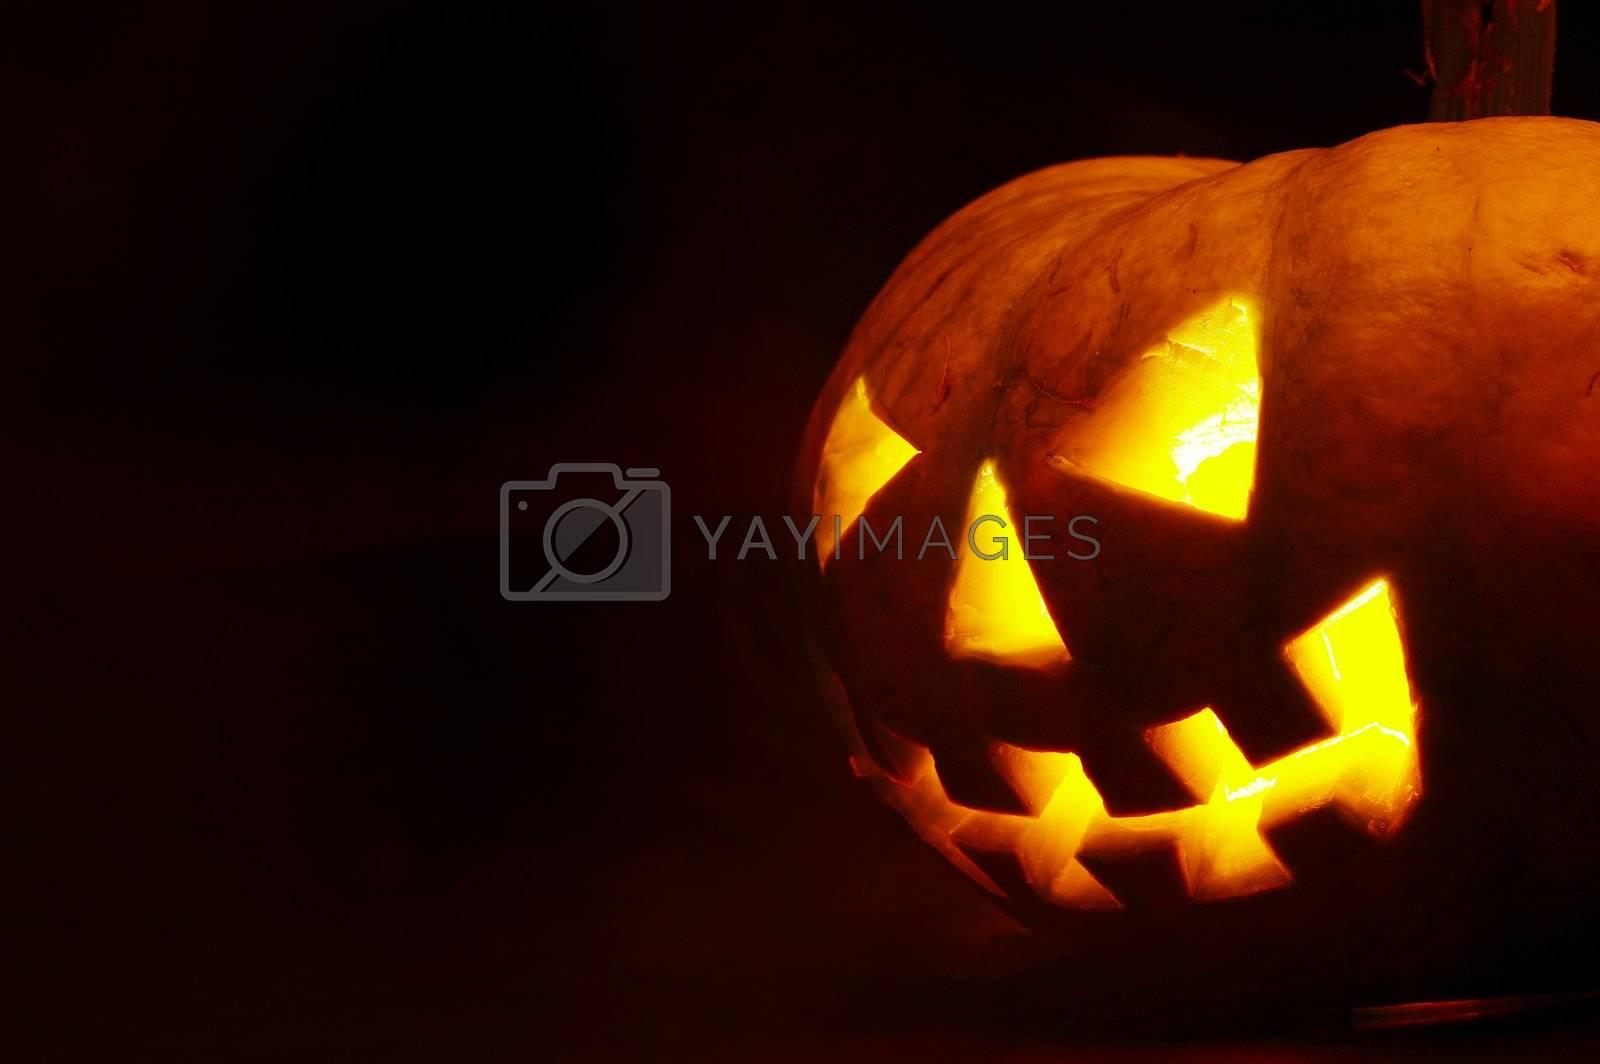 A scary old jack-o-lantern on black.